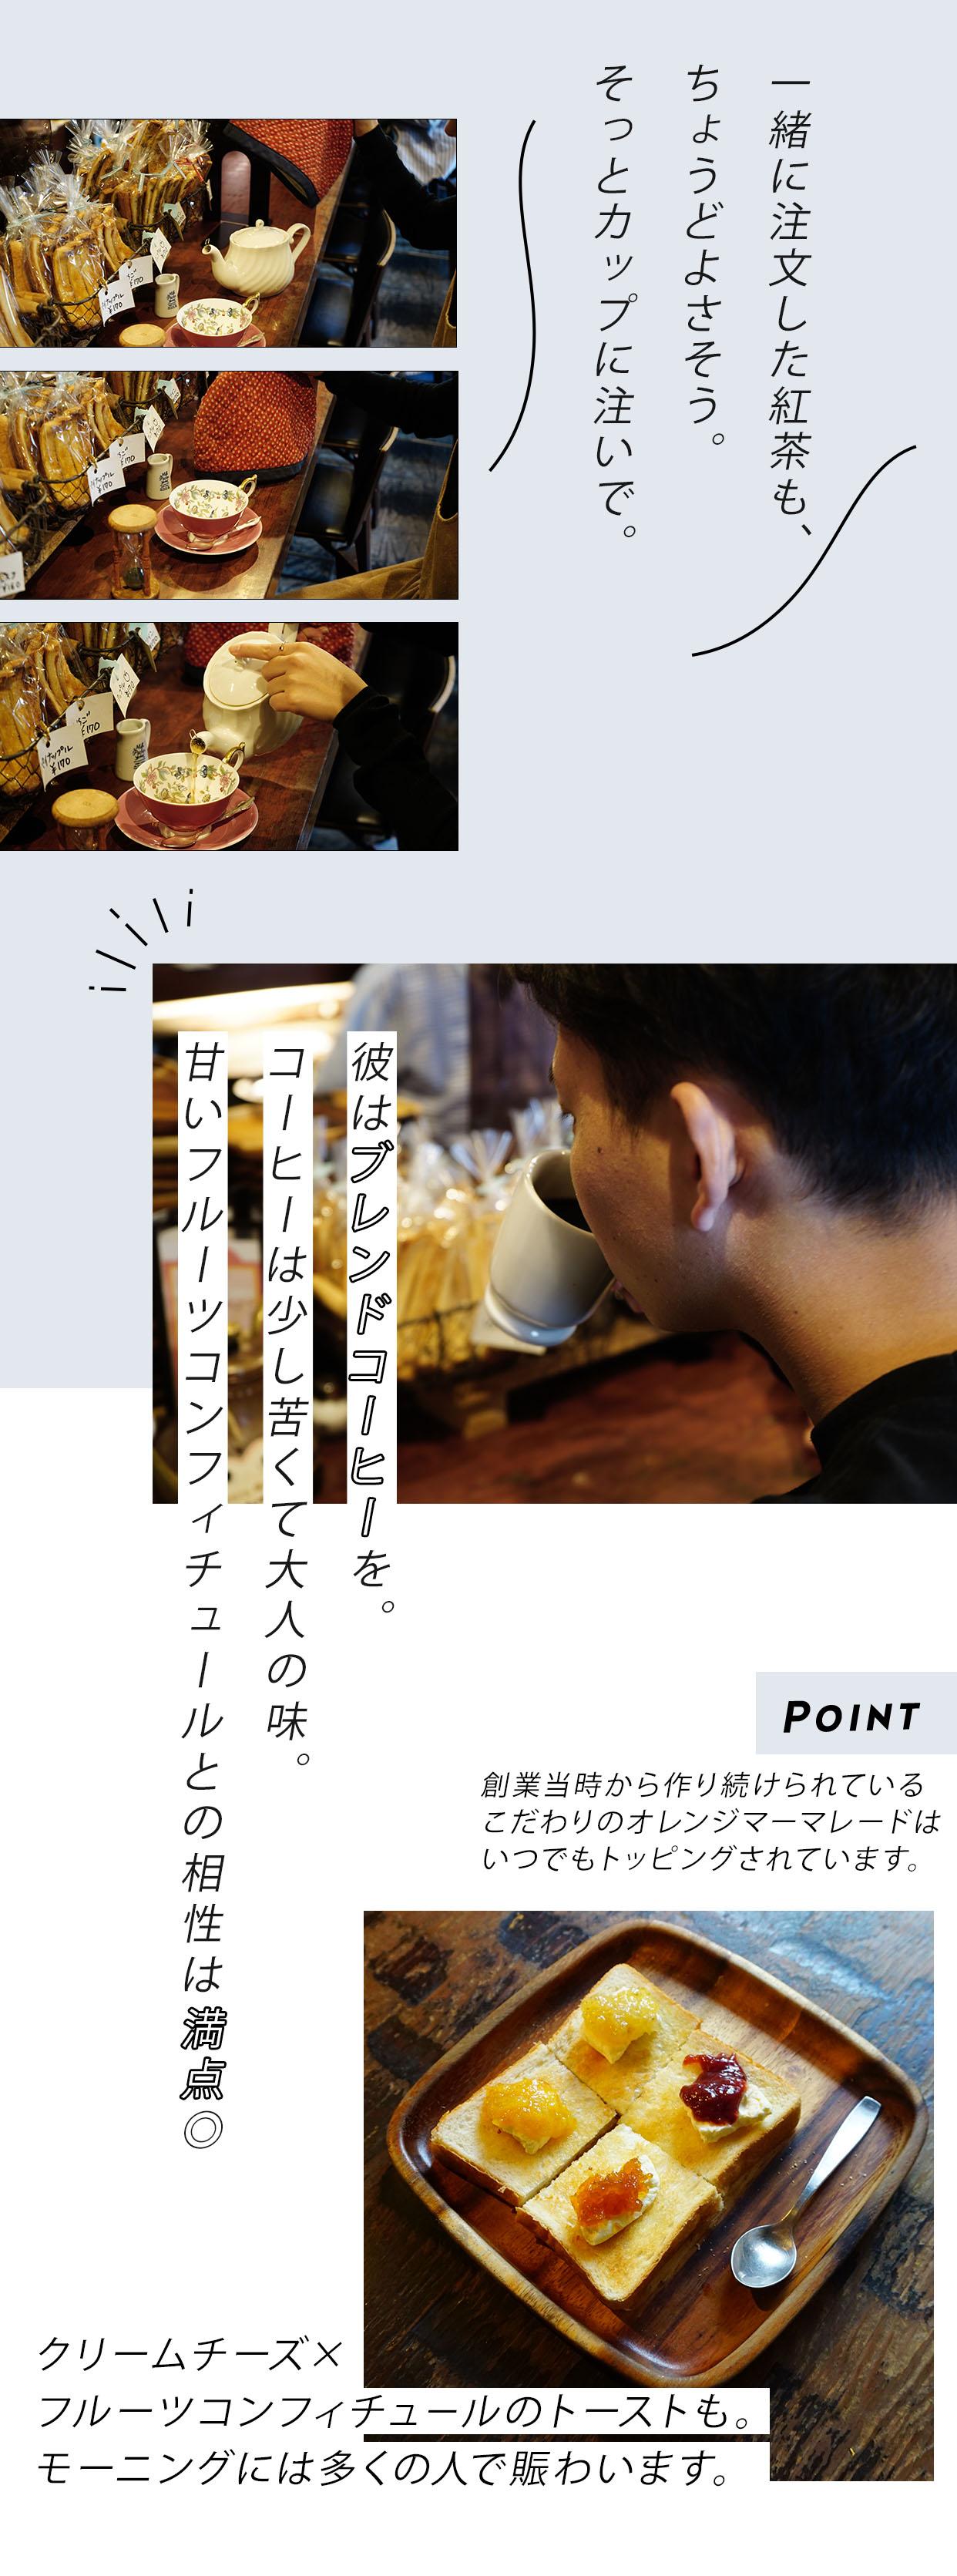 マスター自慢のフルーツコンフィチュールを味わって。「コーヒーハウスかこ花車本店」で過ごす休日。 - 9EEFA9E1 A25D 4384 983D 6C4C73D82E4D